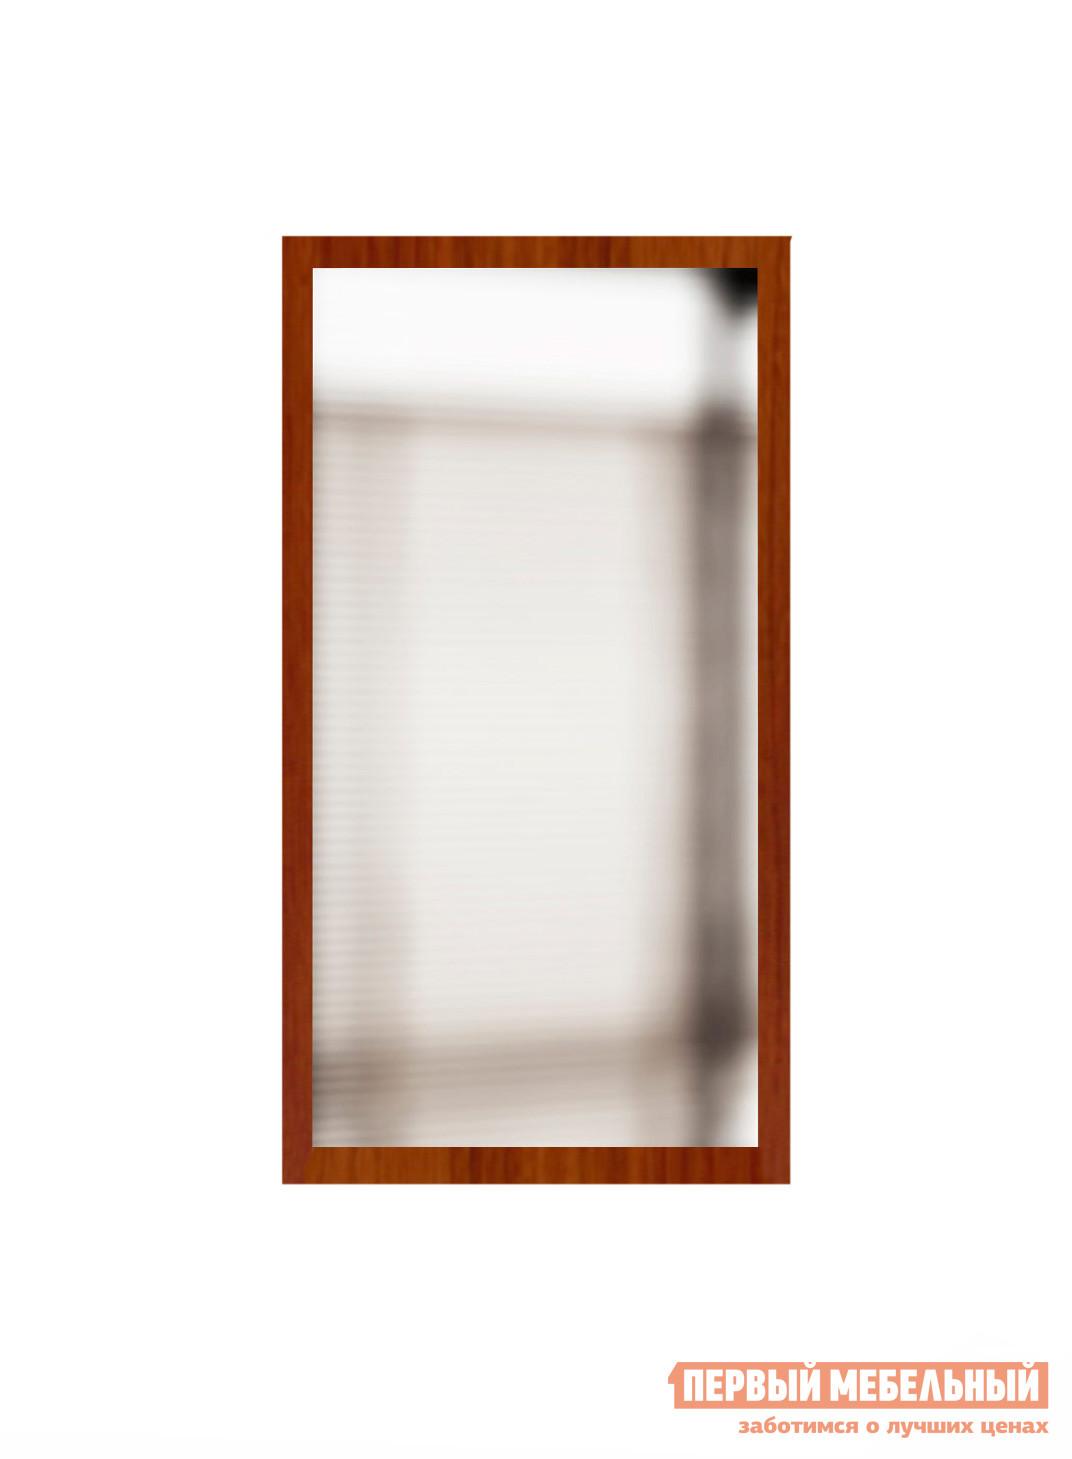 Настенное зеркало Сокол ПЗ-3 Испанский орехНастенные зеркала<br>Габаритные размеры ВхШхГ 1044x600x мм. Классическое навесное зеркало дополнит любой интерьер. Преобразите вашу комнату благодаря одной детали – зеркало визуально расширит пространство и, благодаря большому выбору оттенков рамы, идеально подойдет к вашей мебели. Изделие выполнено из ЛДСП высокого качества.   Рекомендуем сохранить инструкцию по сборке (паспорт изделия) до истечения гарантийного срока.<br><br>Цвет: Испанский орех<br>Цвет: Красное дерево<br>Высота мм: 1044<br>Ширина мм: 600<br>Кол-во упаковок: 1<br>Форма поставки: В собранном виде<br>Срок гарантии: 2 года<br>Тип: Простые<br>Назначение: Для спальни, В прихожую<br>Материал: Деревянные, из ЛДСП<br>Форма: Прямоугольные<br>Подсветка: Без подсветки<br>Тип рамы: В раме